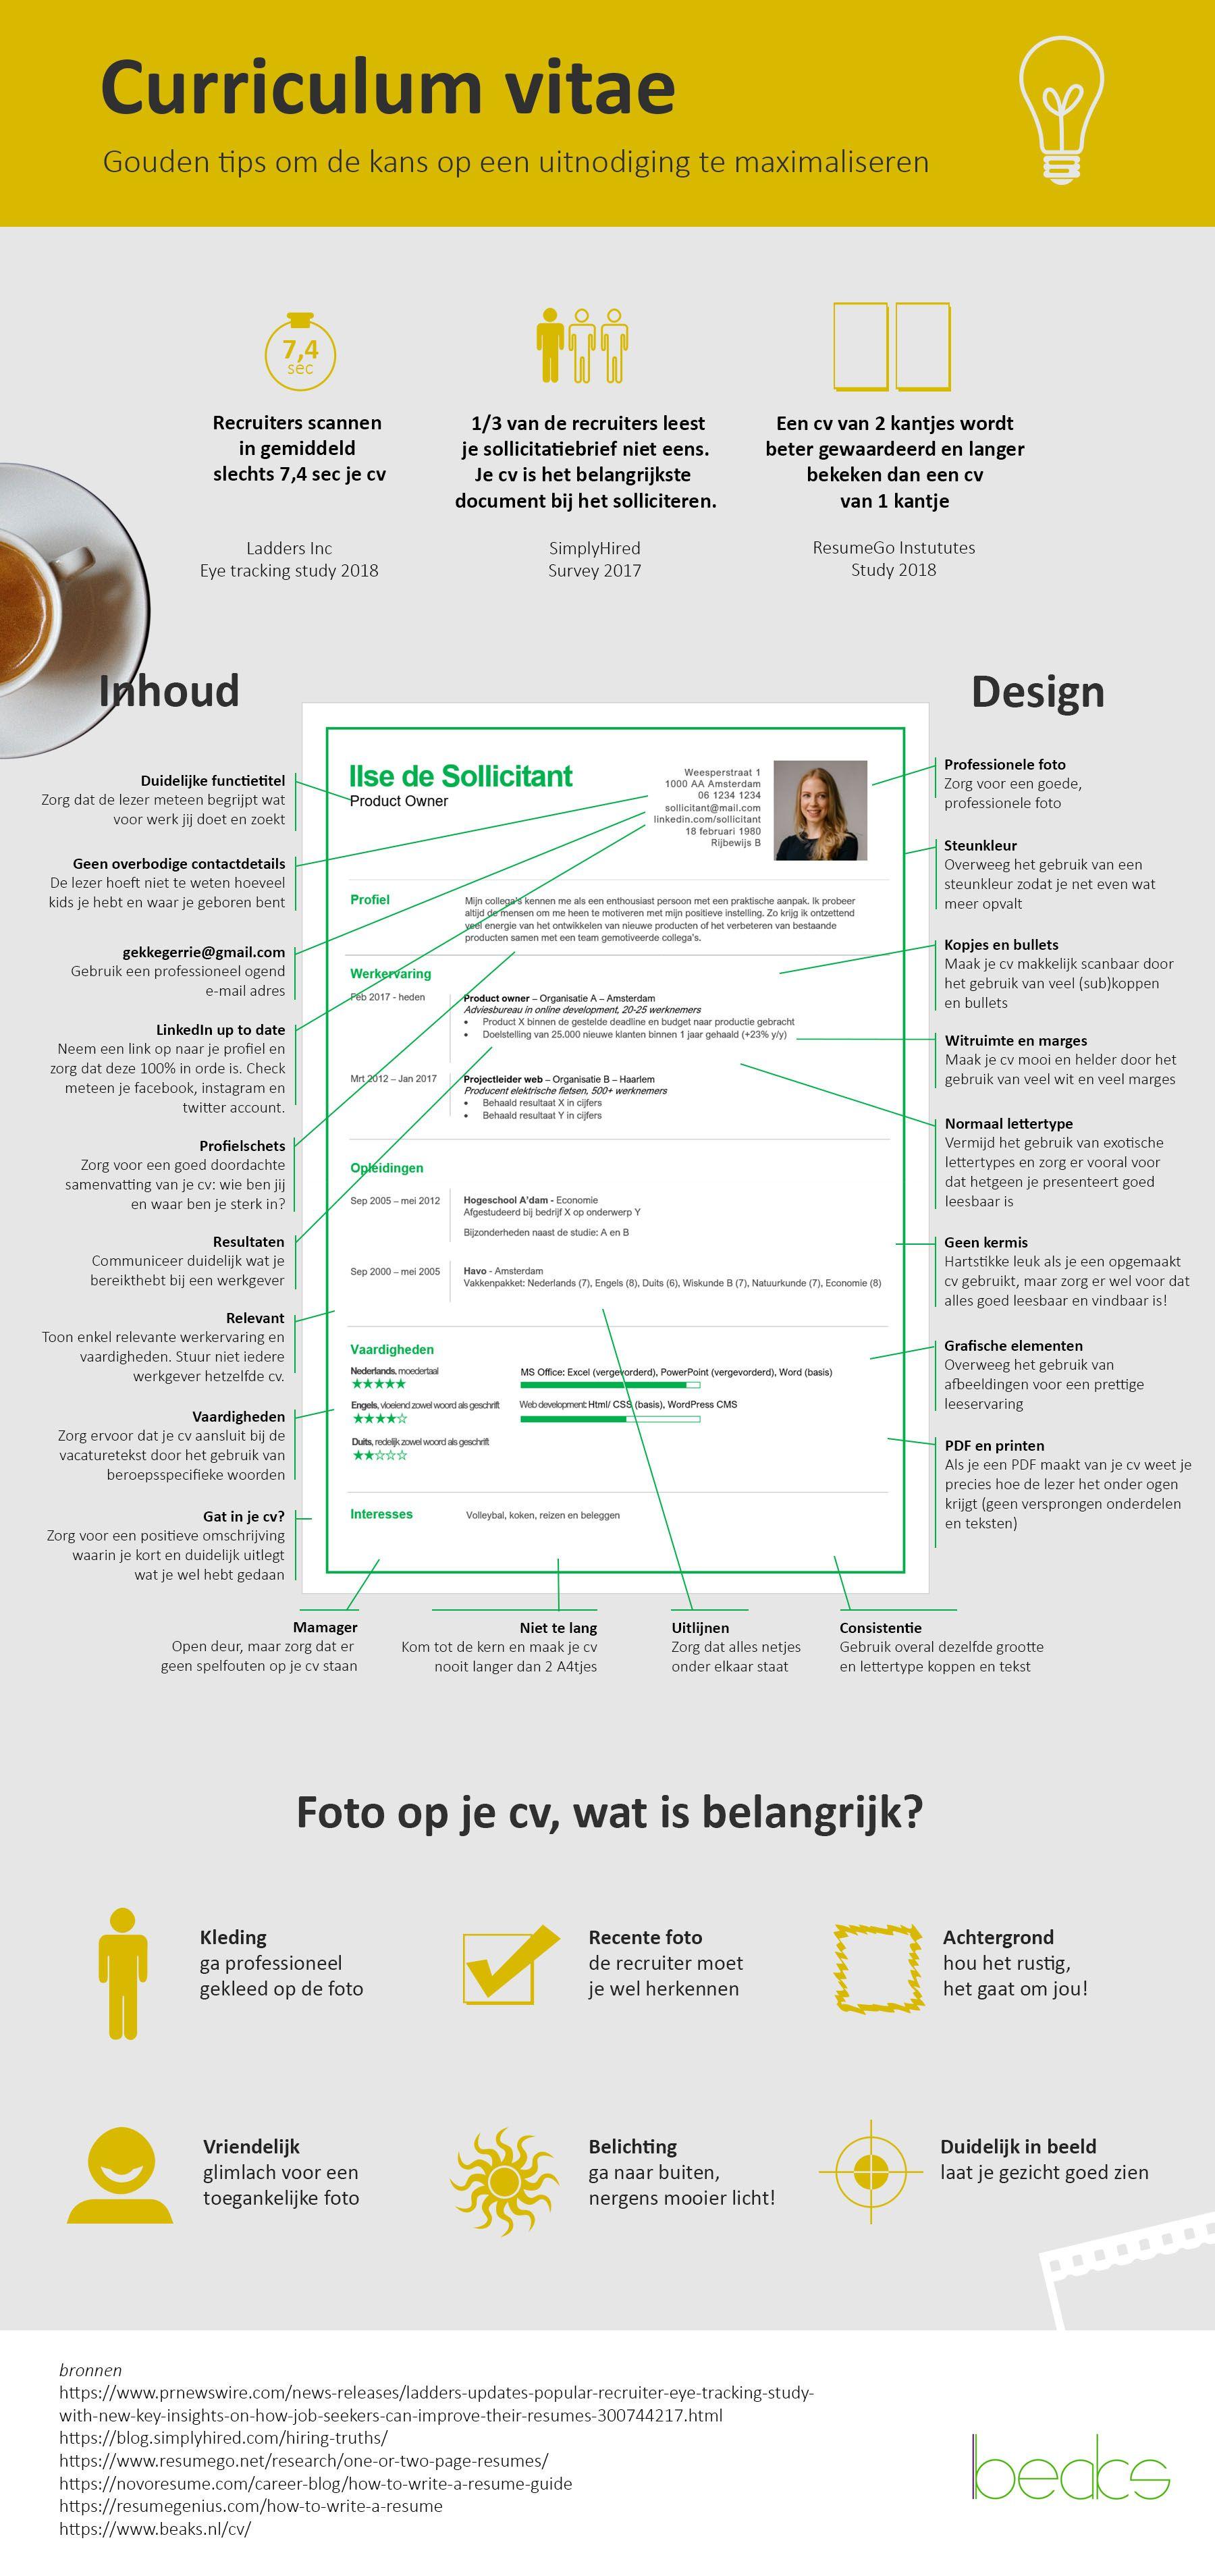 [INFOGRAPHIC] Gouden tips voor je cv Infographic